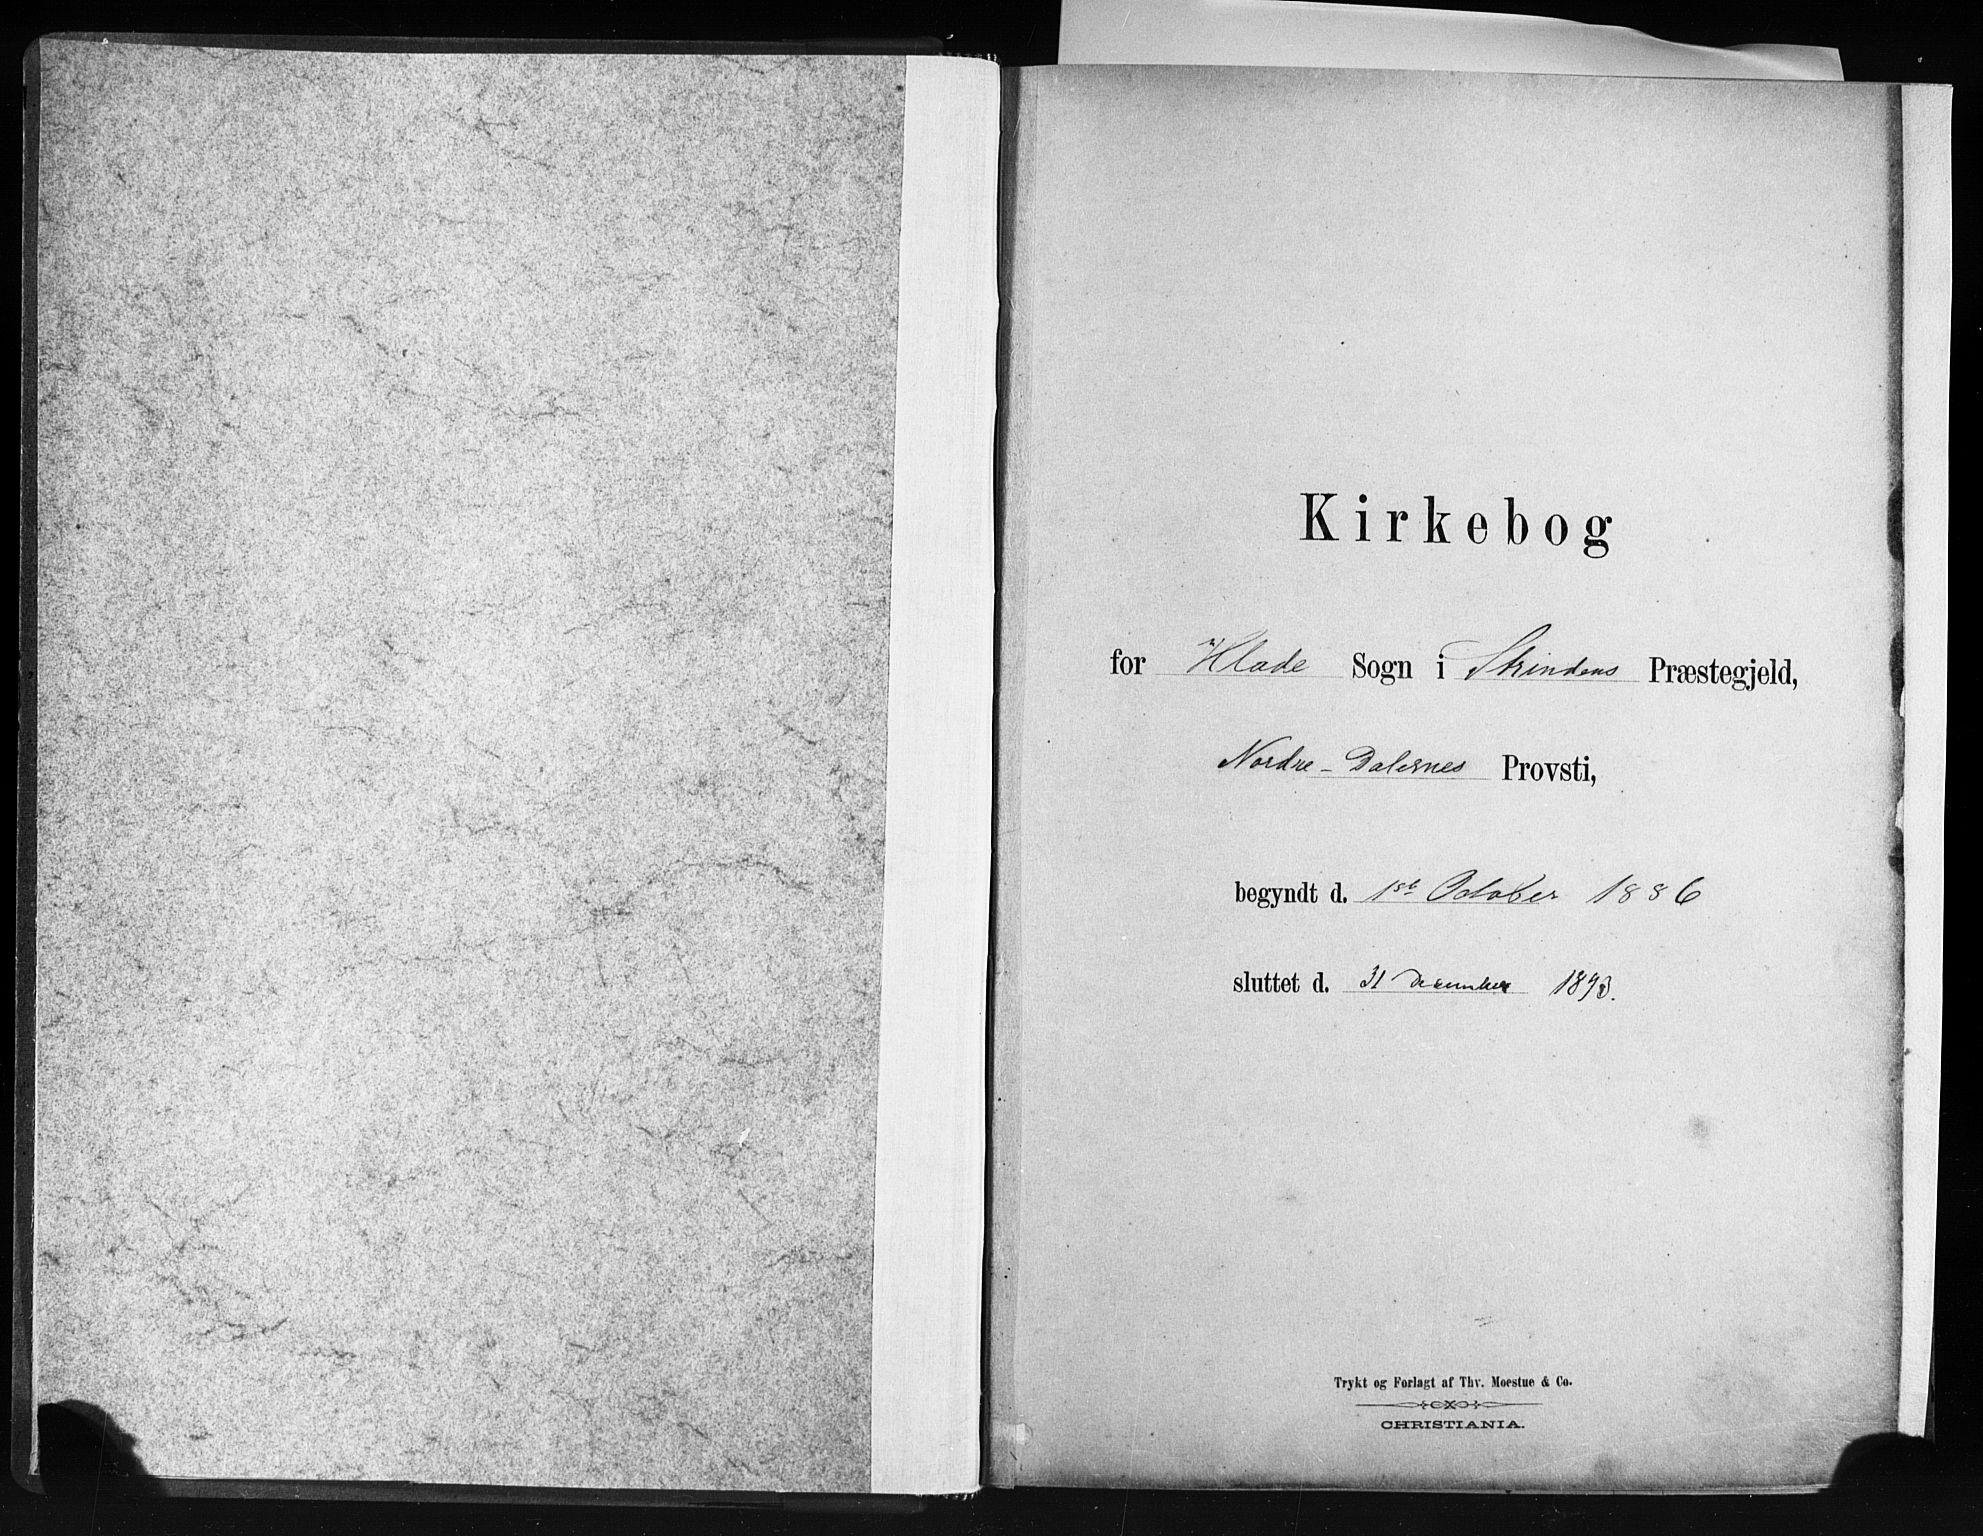 SAT, Ministerialprotokoller, klokkerbøker og fødselsregistre - Sør-Trøndelag, 606/L0300: Ministerialbok nr. 606A15, 1886-1893